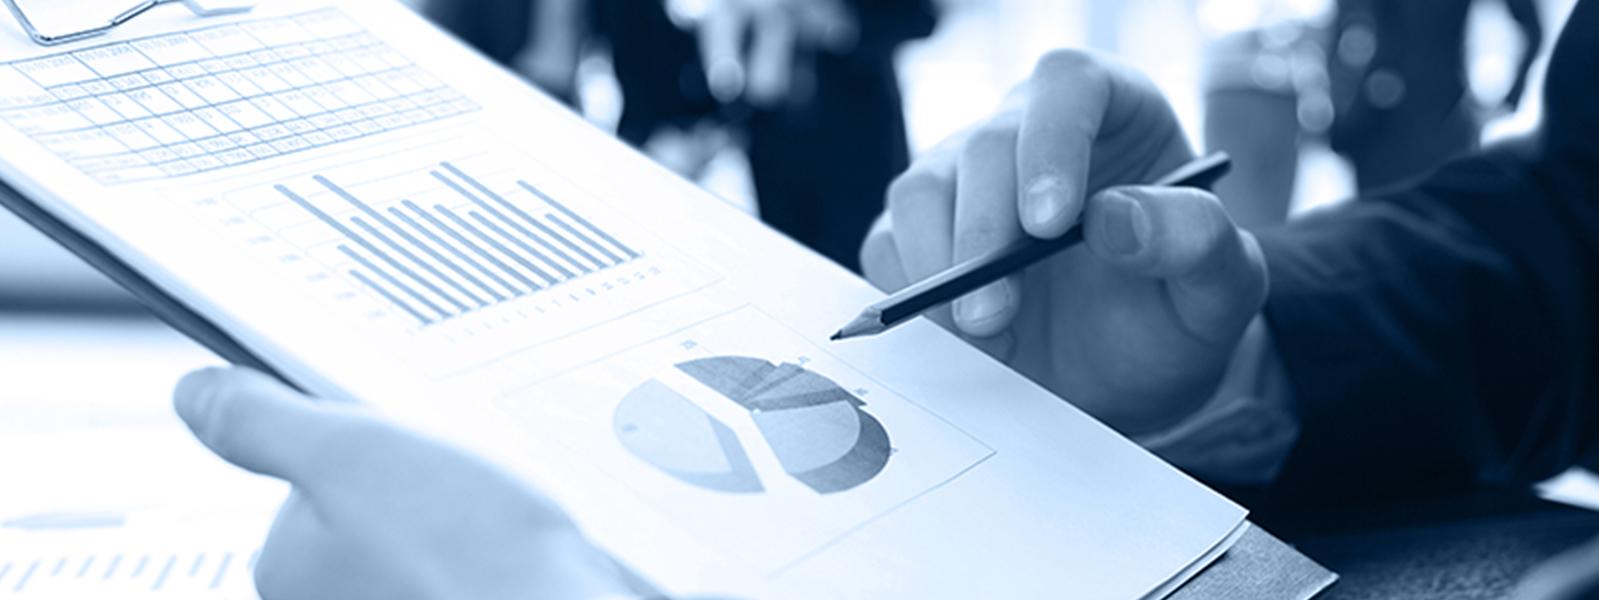 Reforma da Previdência é necessária, segundo projeção do IBGE